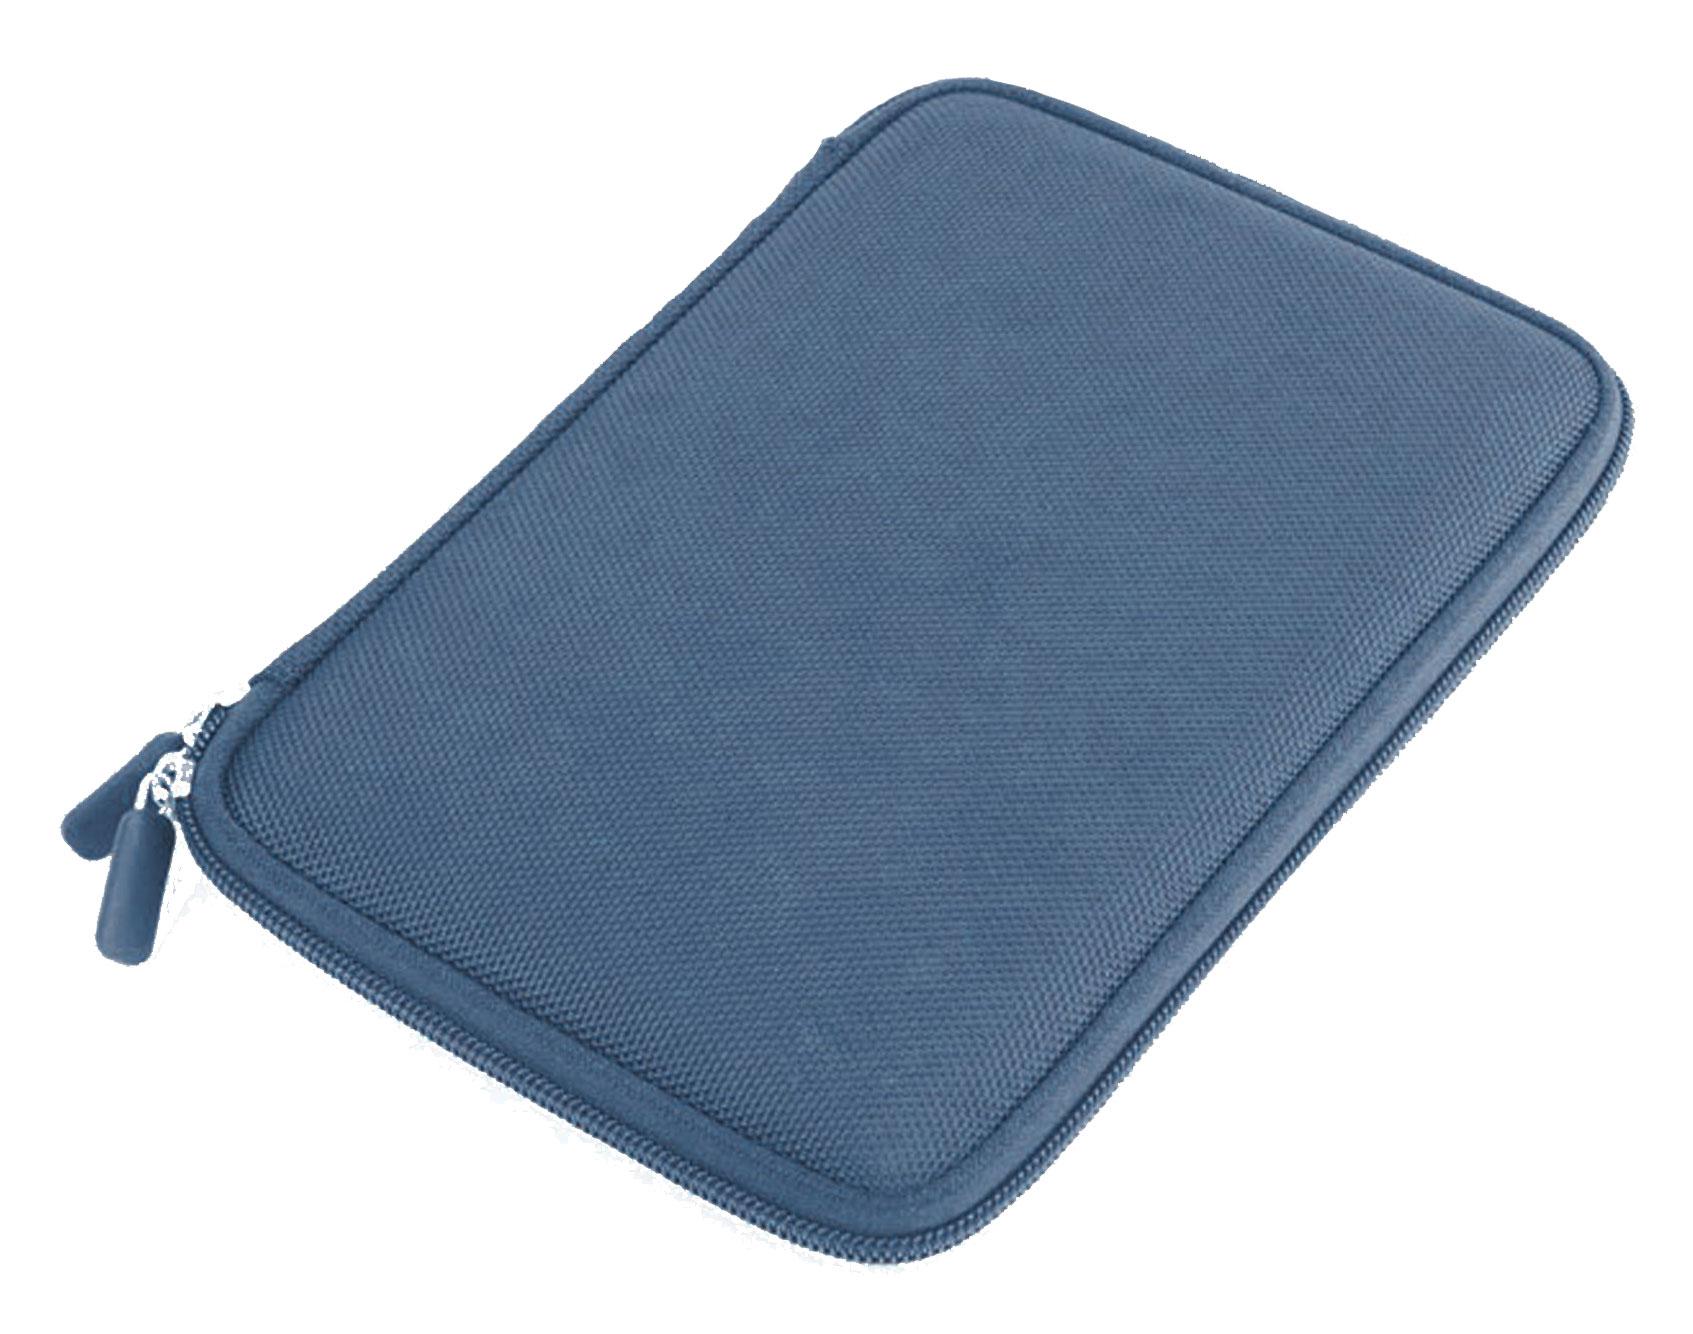 Housse tui bleu rigide compatible avec tablette mpman for Housse tablette 8 pouces